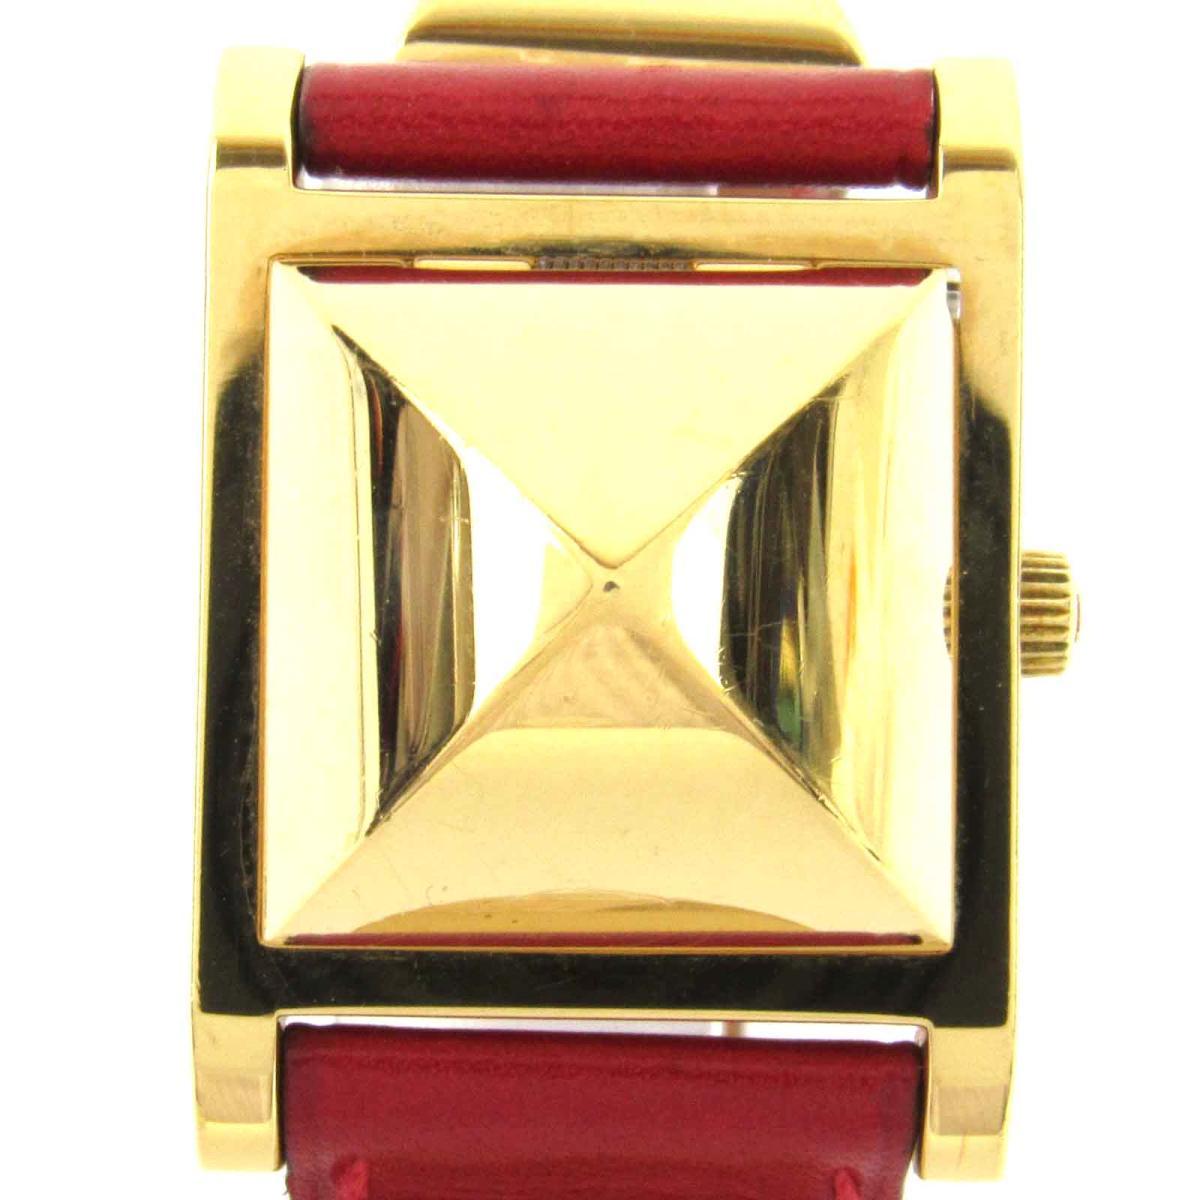 【中古】 エルメス メドール ウォッチ 腕時計 レディース レザーベルト x GP (ゴールドメッキ) | HERMES メドール 美品 ブランドオフ